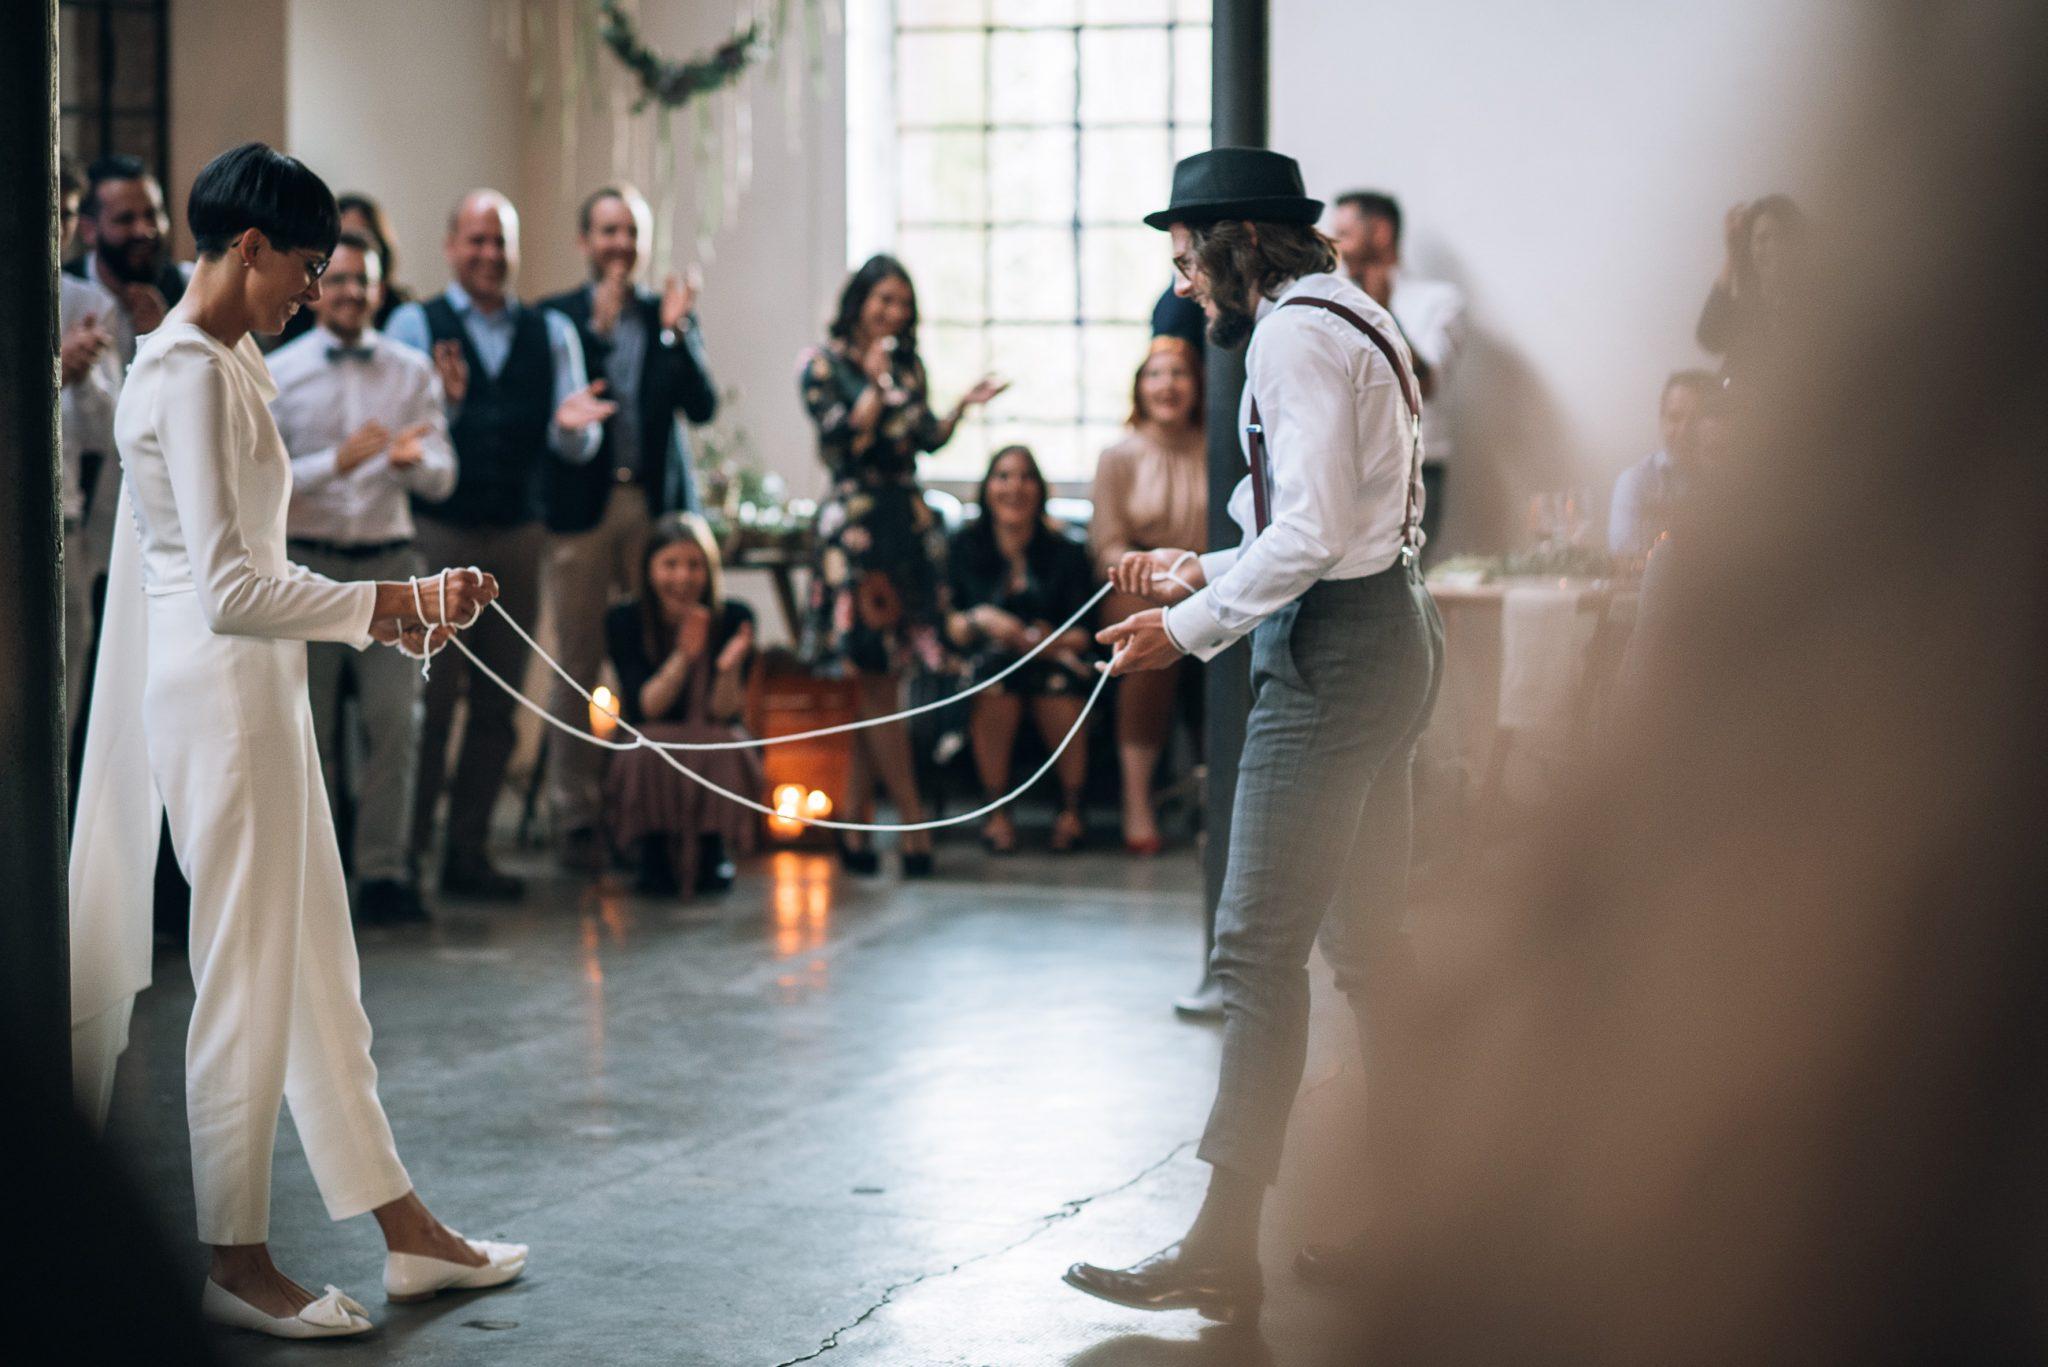 gli sposi giocano alle tradizioni guardati dagli invitati